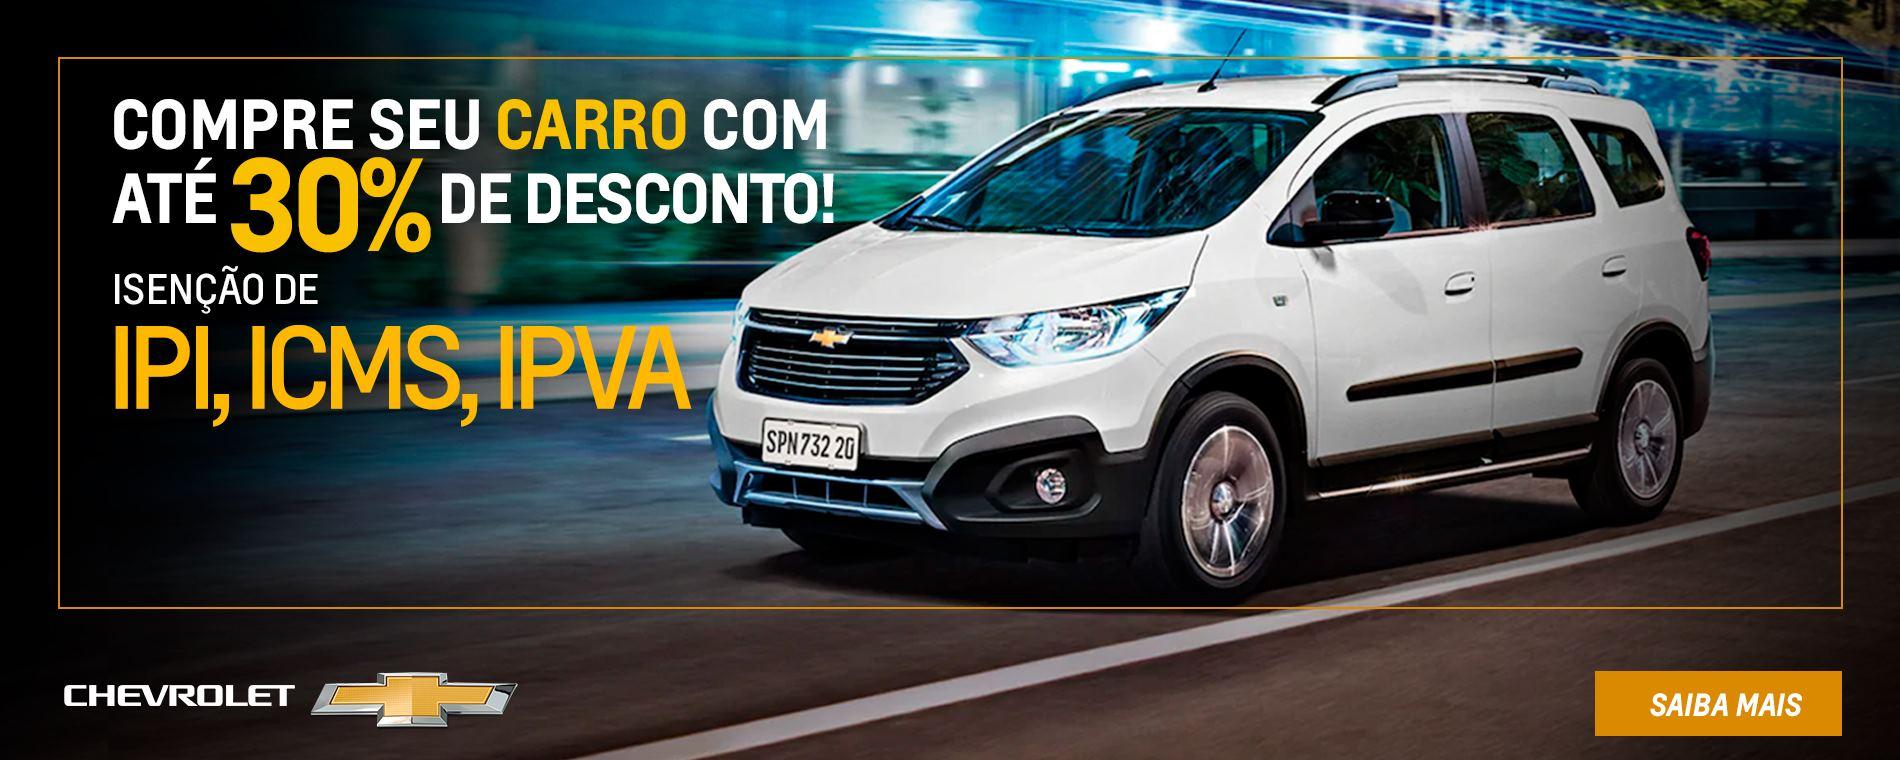 163_Santa-Clara_Isencao-PCD